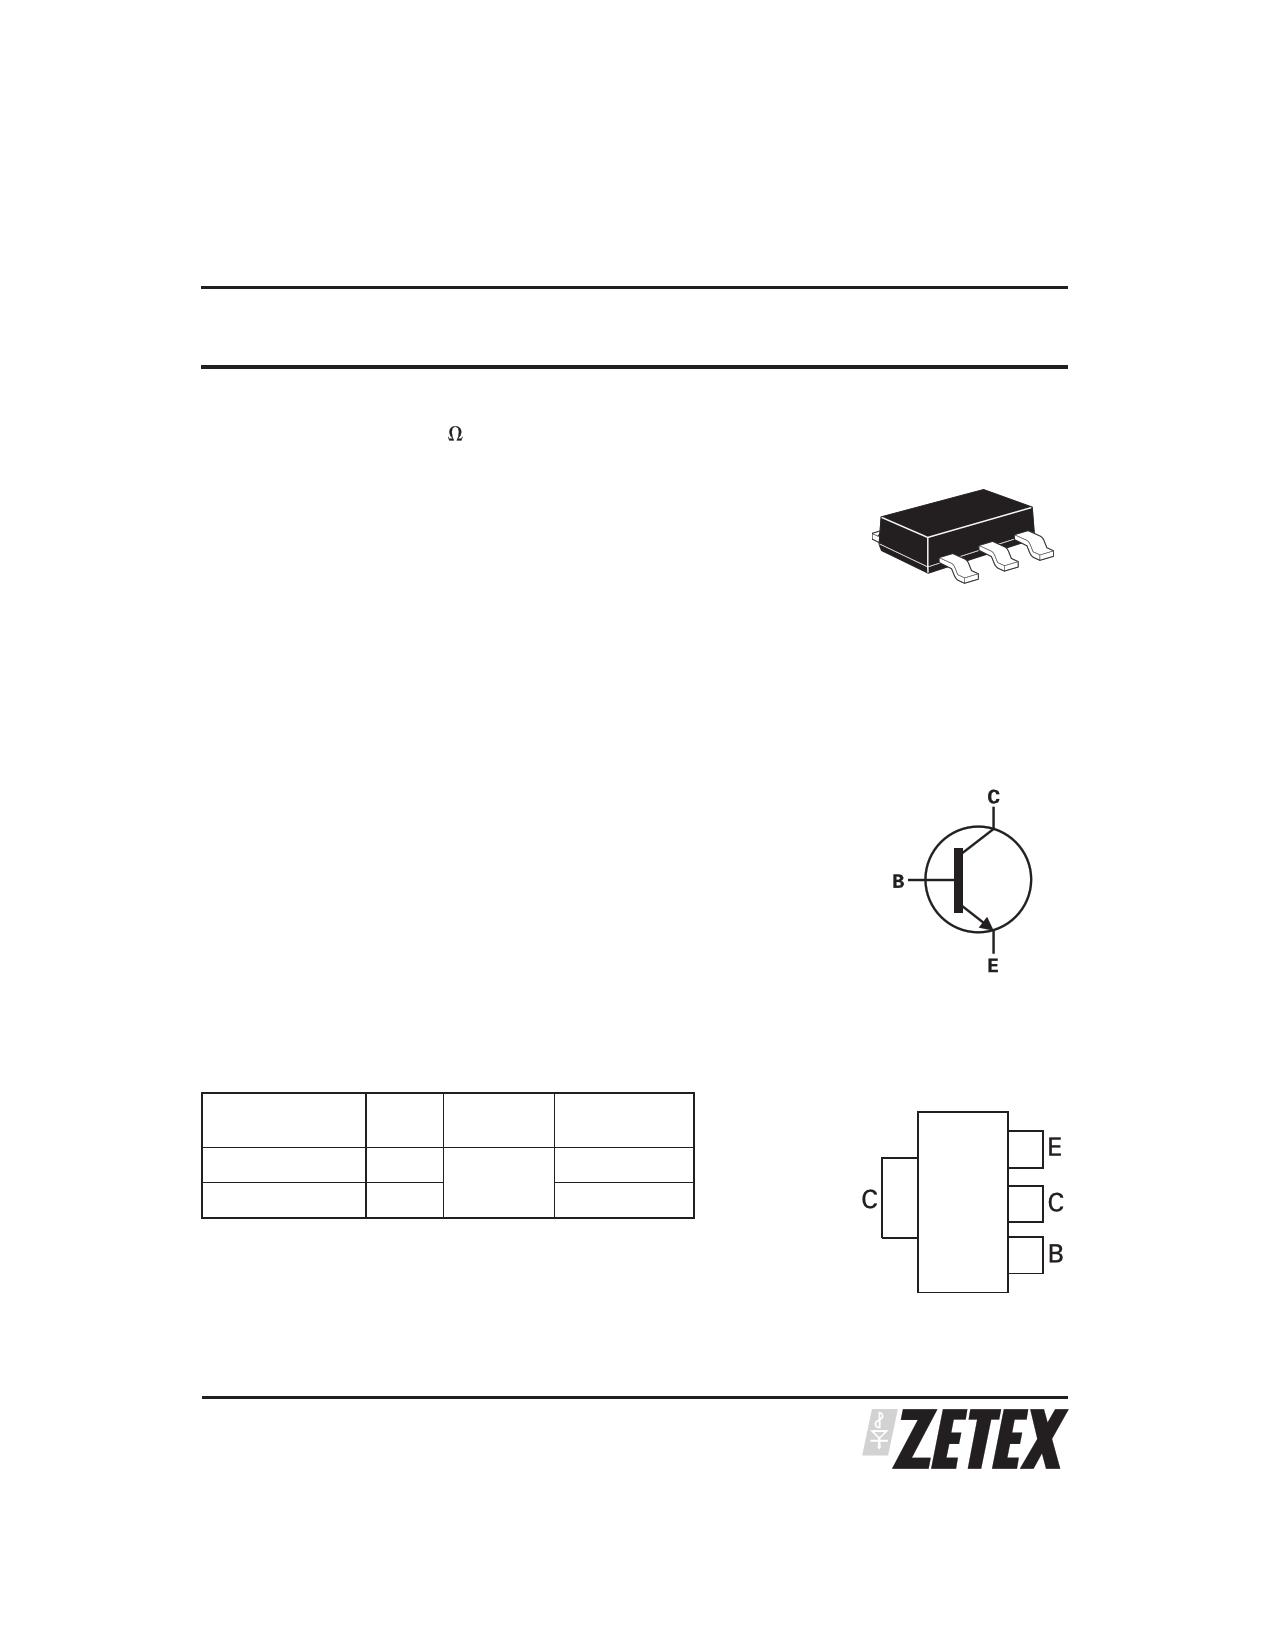 ZX5T853GTC datasheet